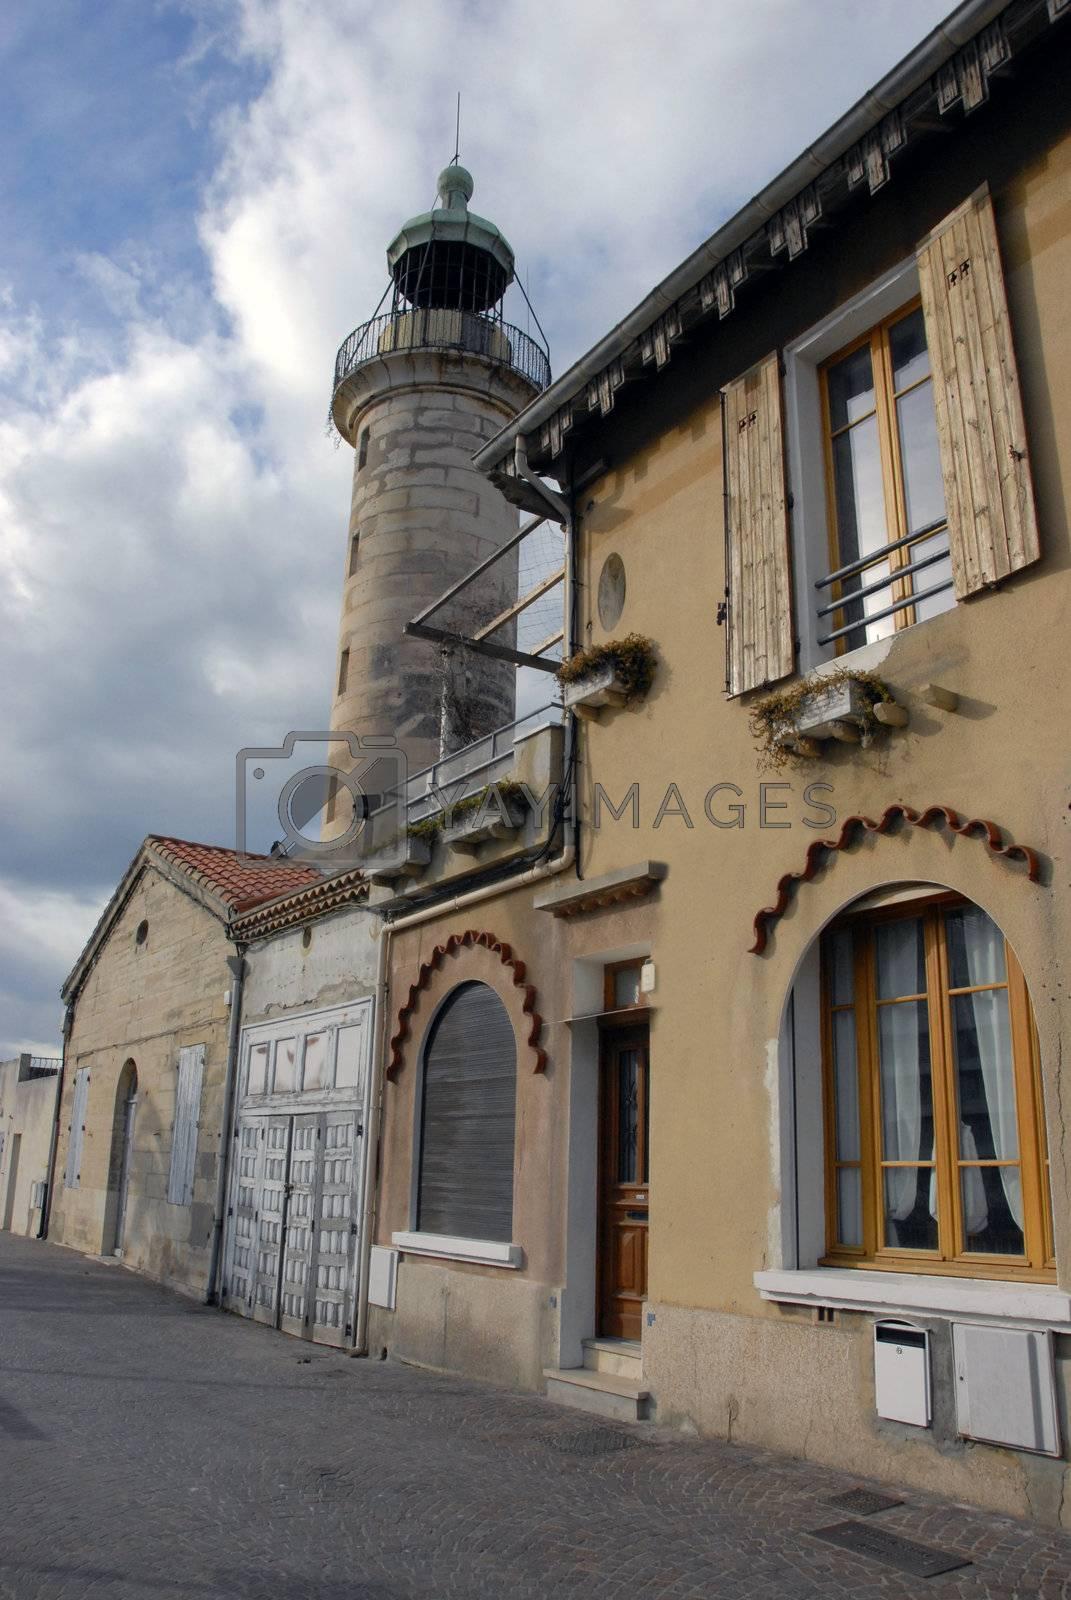 lighthouse in a street near the mediteranean sea at Grau du Roy